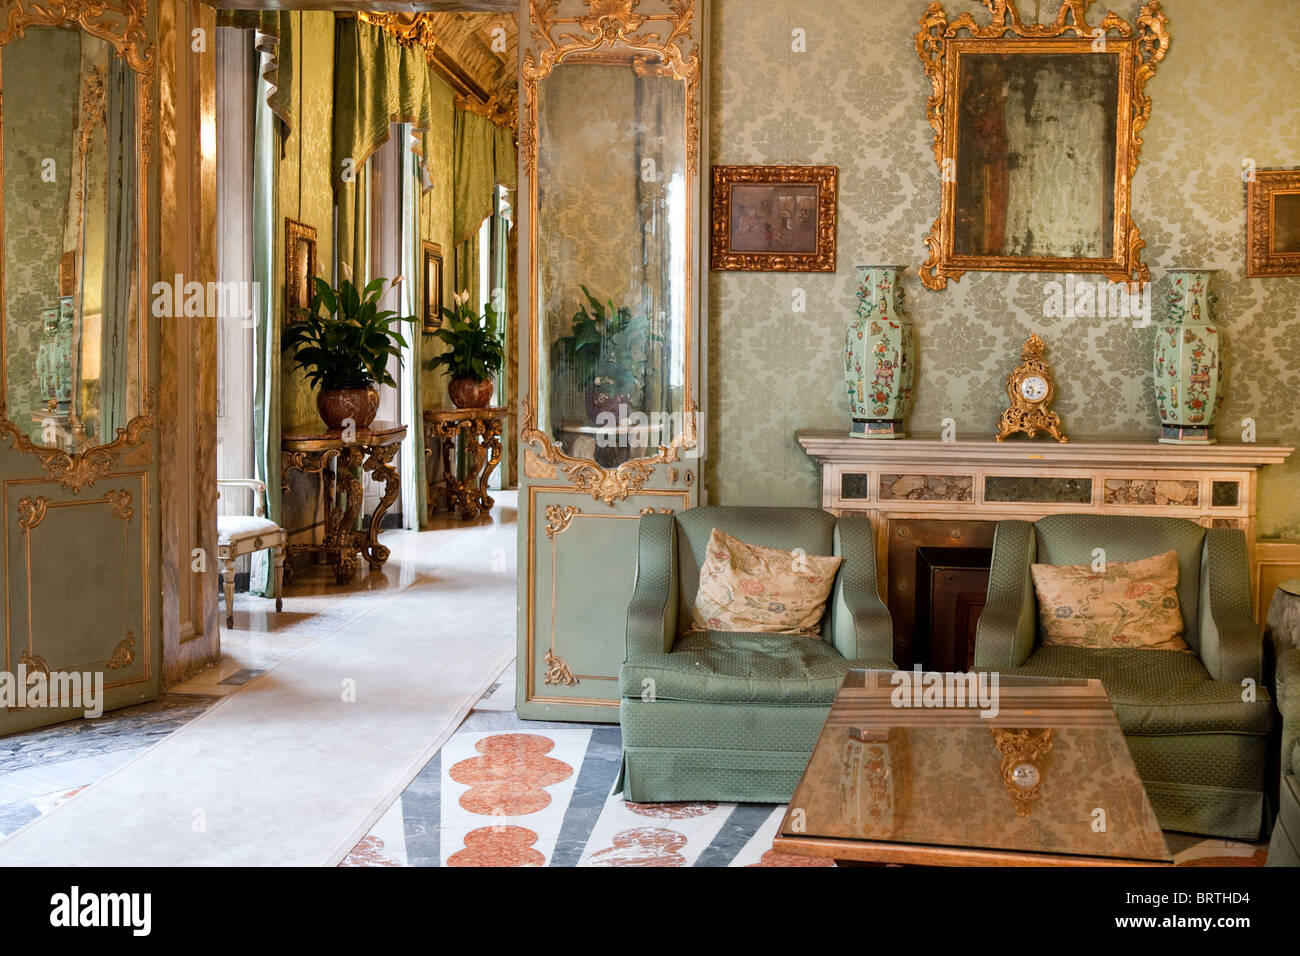 Palazzo rondinini palace interior italian decorare for Arredamento design roma